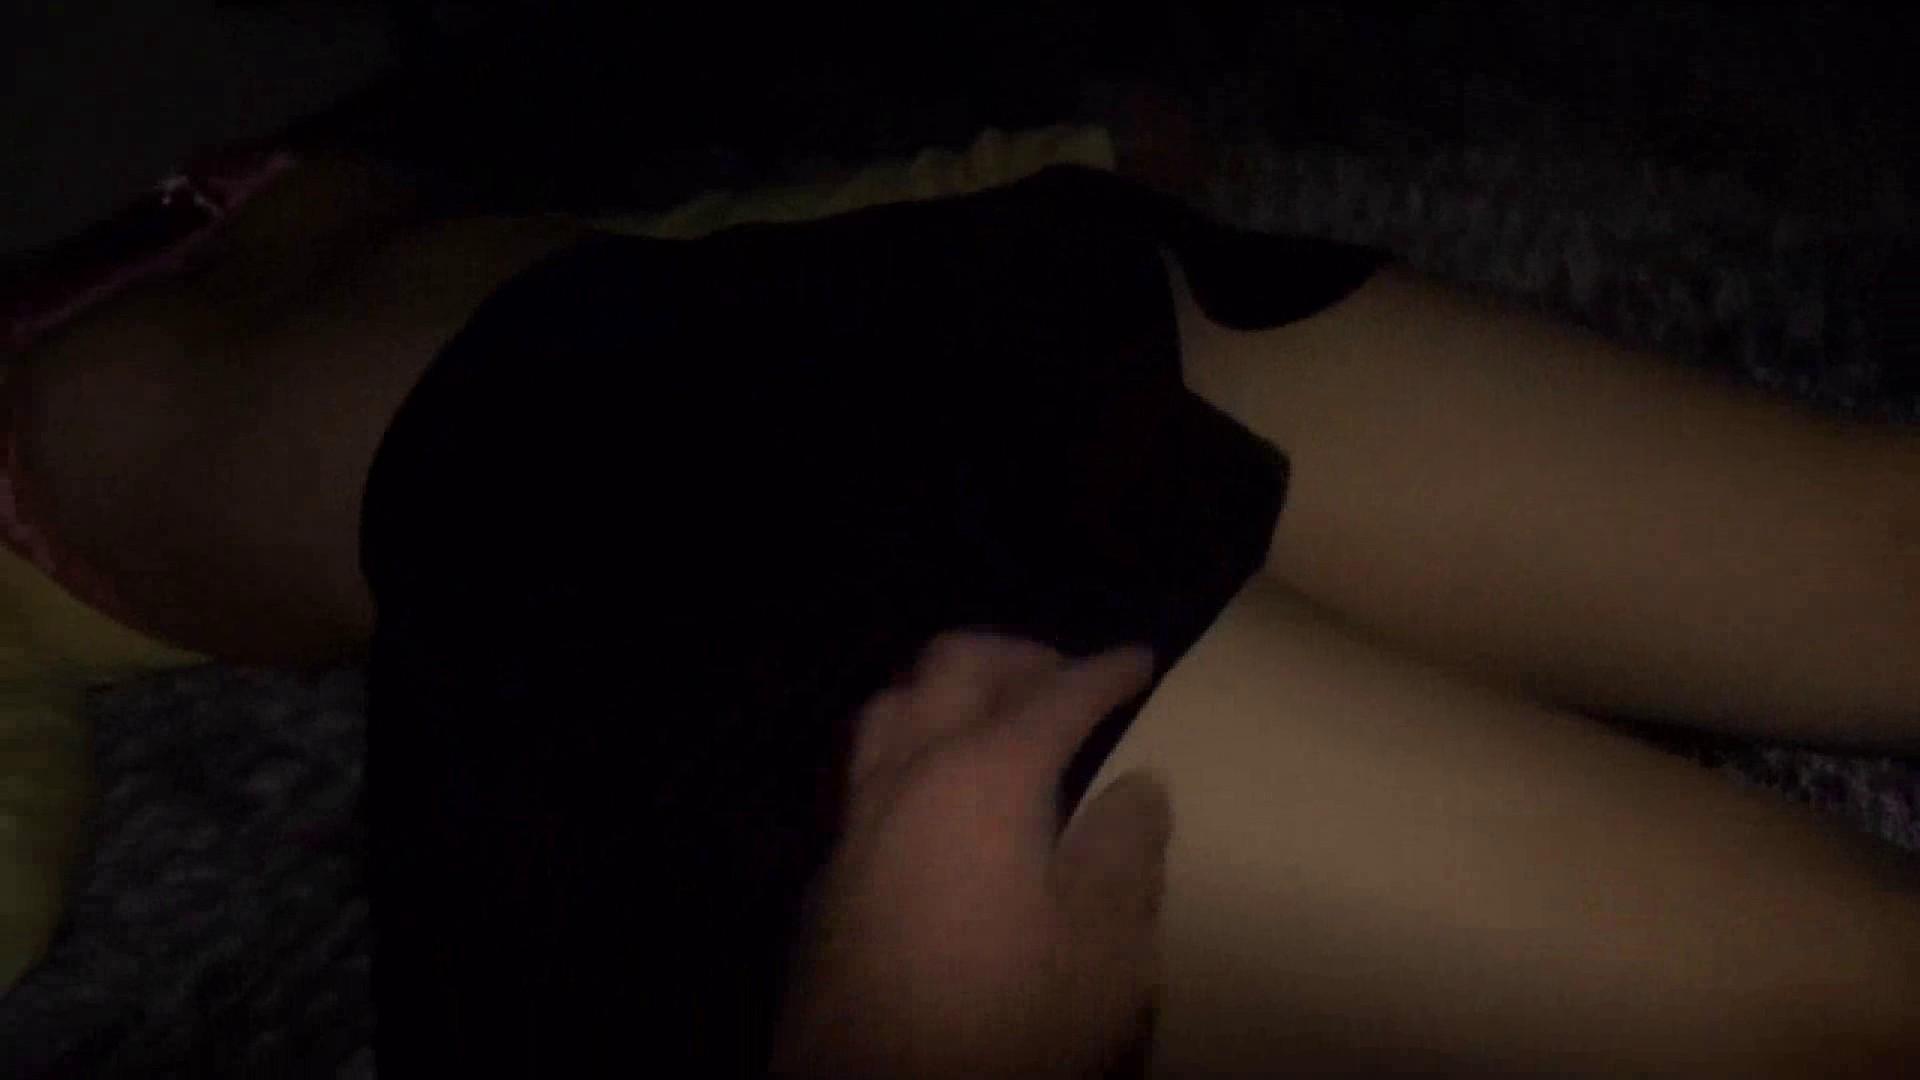 ギャルエロ娘の反乱 Vol.04 美少女 | オナニー特集  83連発 83